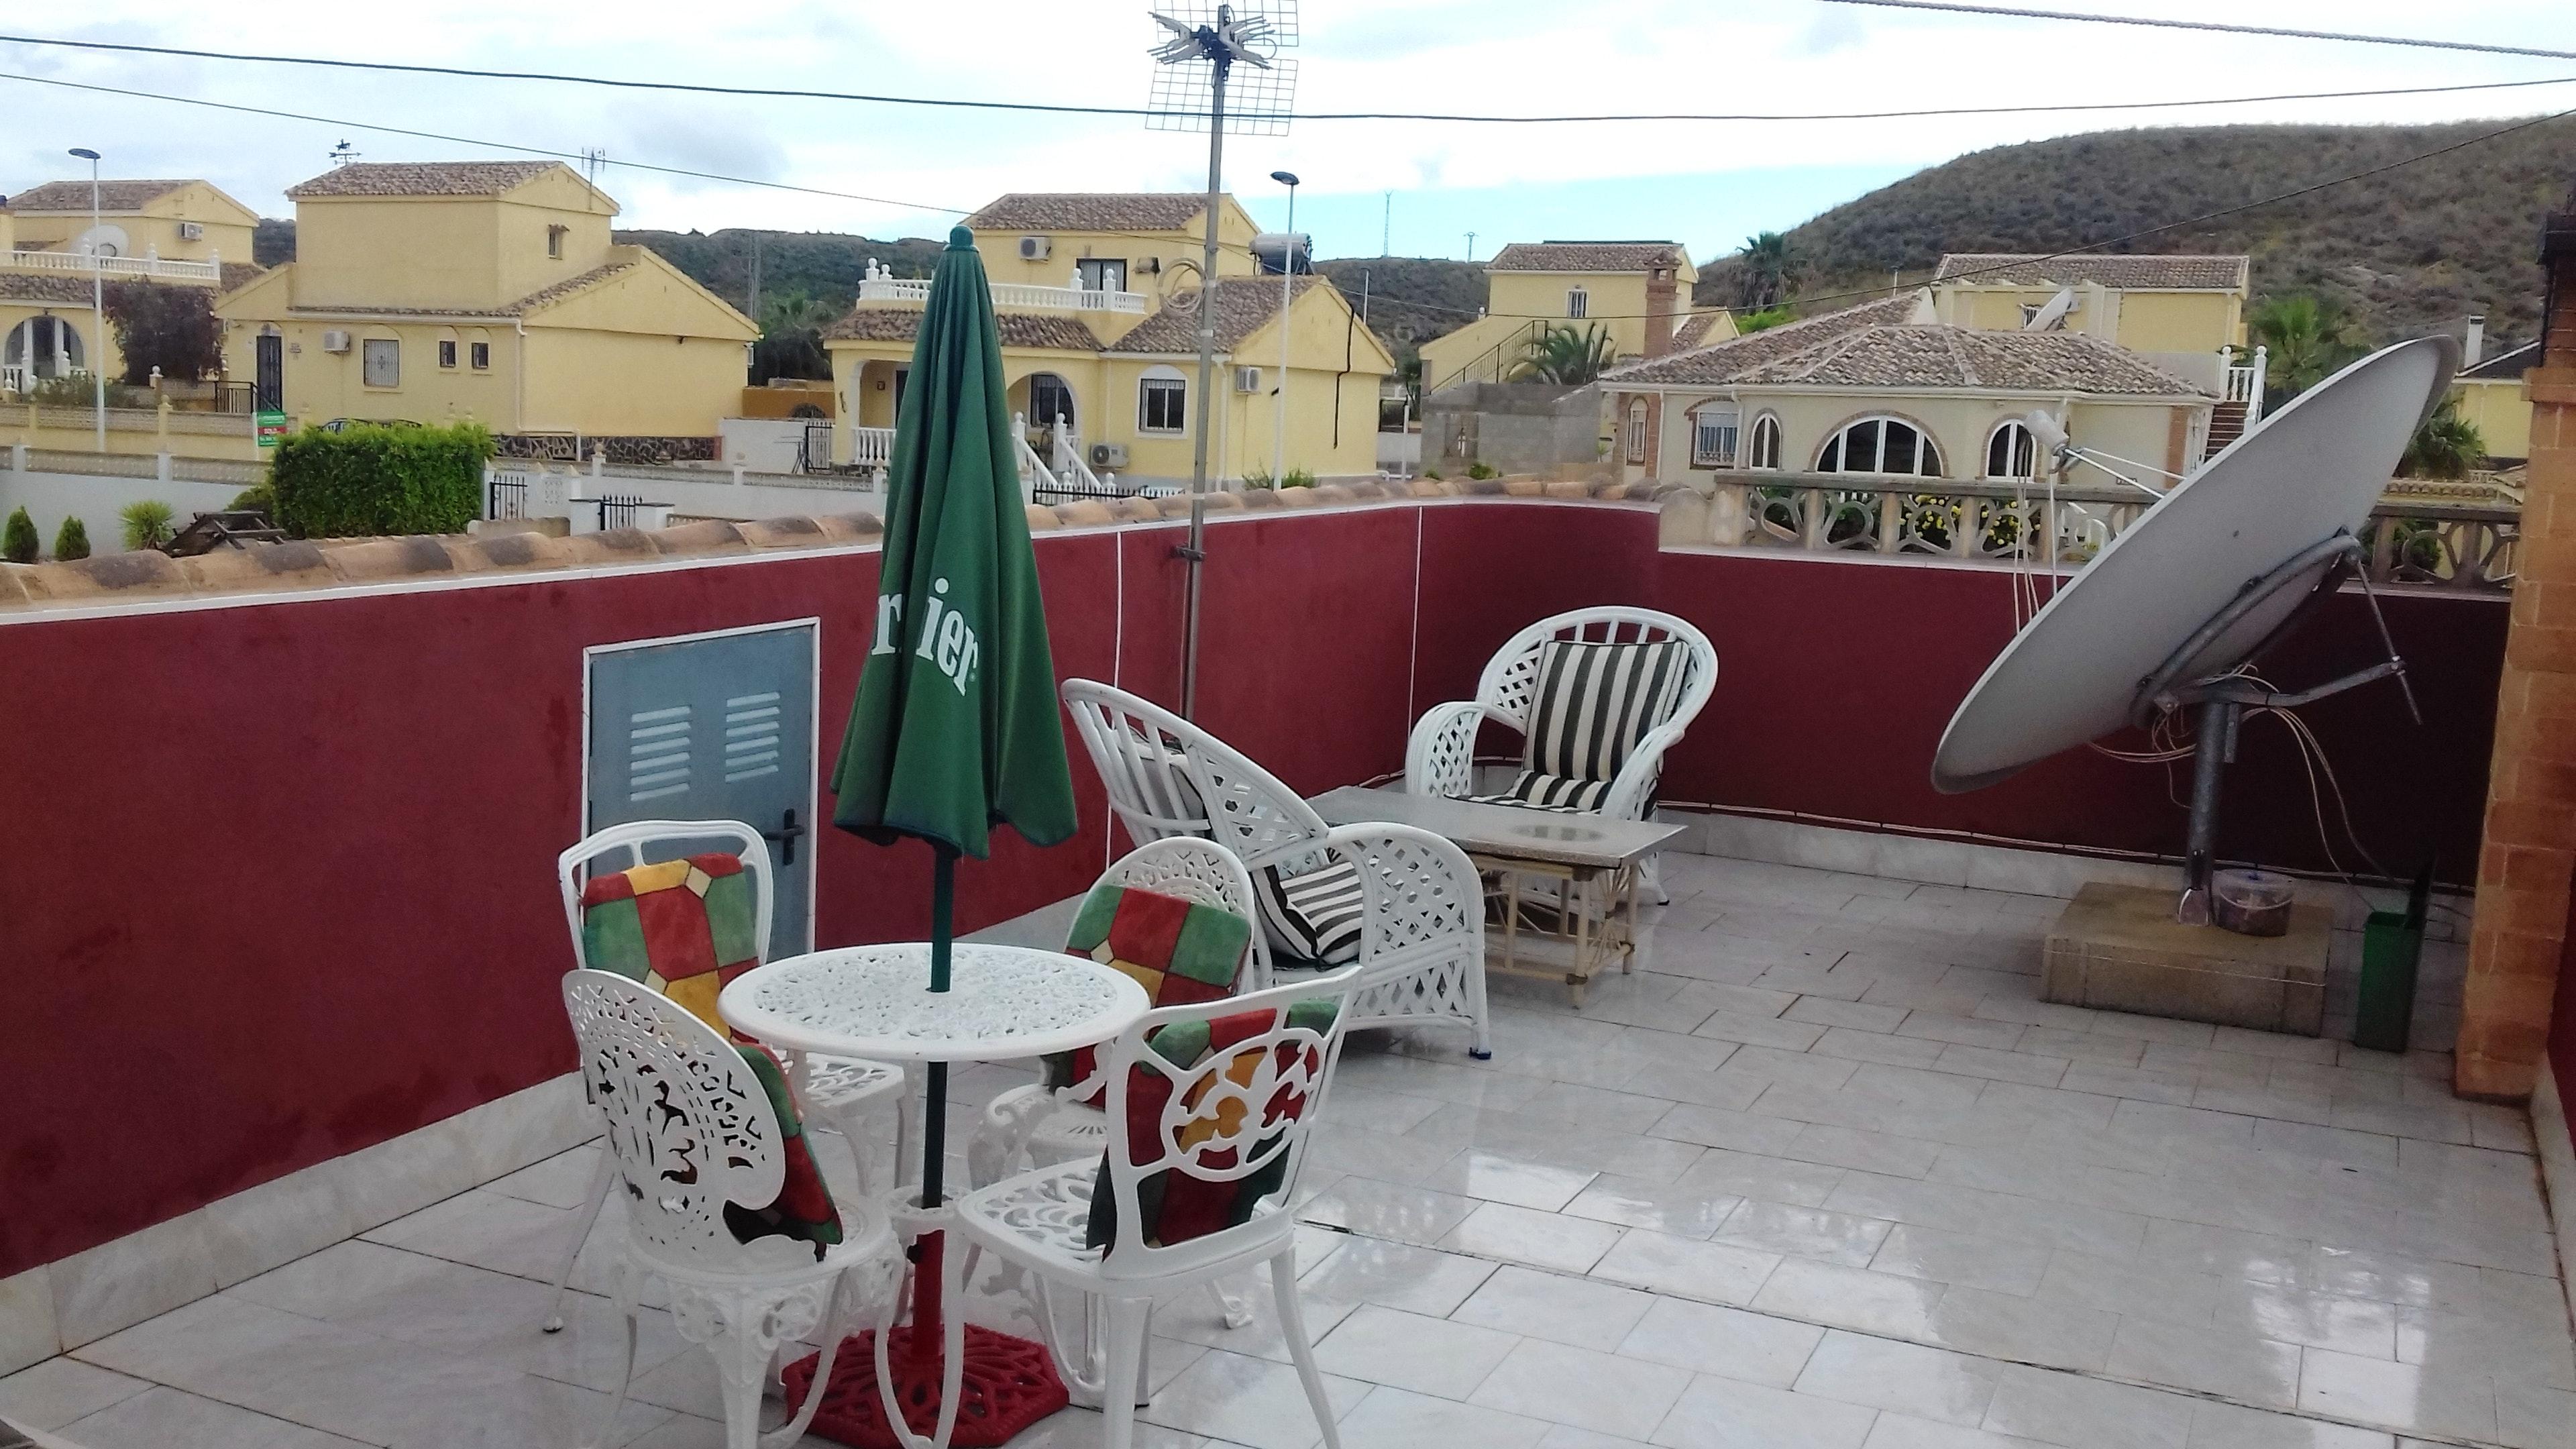 Appartement de vacances Wohnung mit 2 Schlafzimmern in Mazarrón mit toller Aussicht auf die Berge, privatem Pool,  (2632538), Mazarron, Costa Calida, Murcie, Espagne, image 7